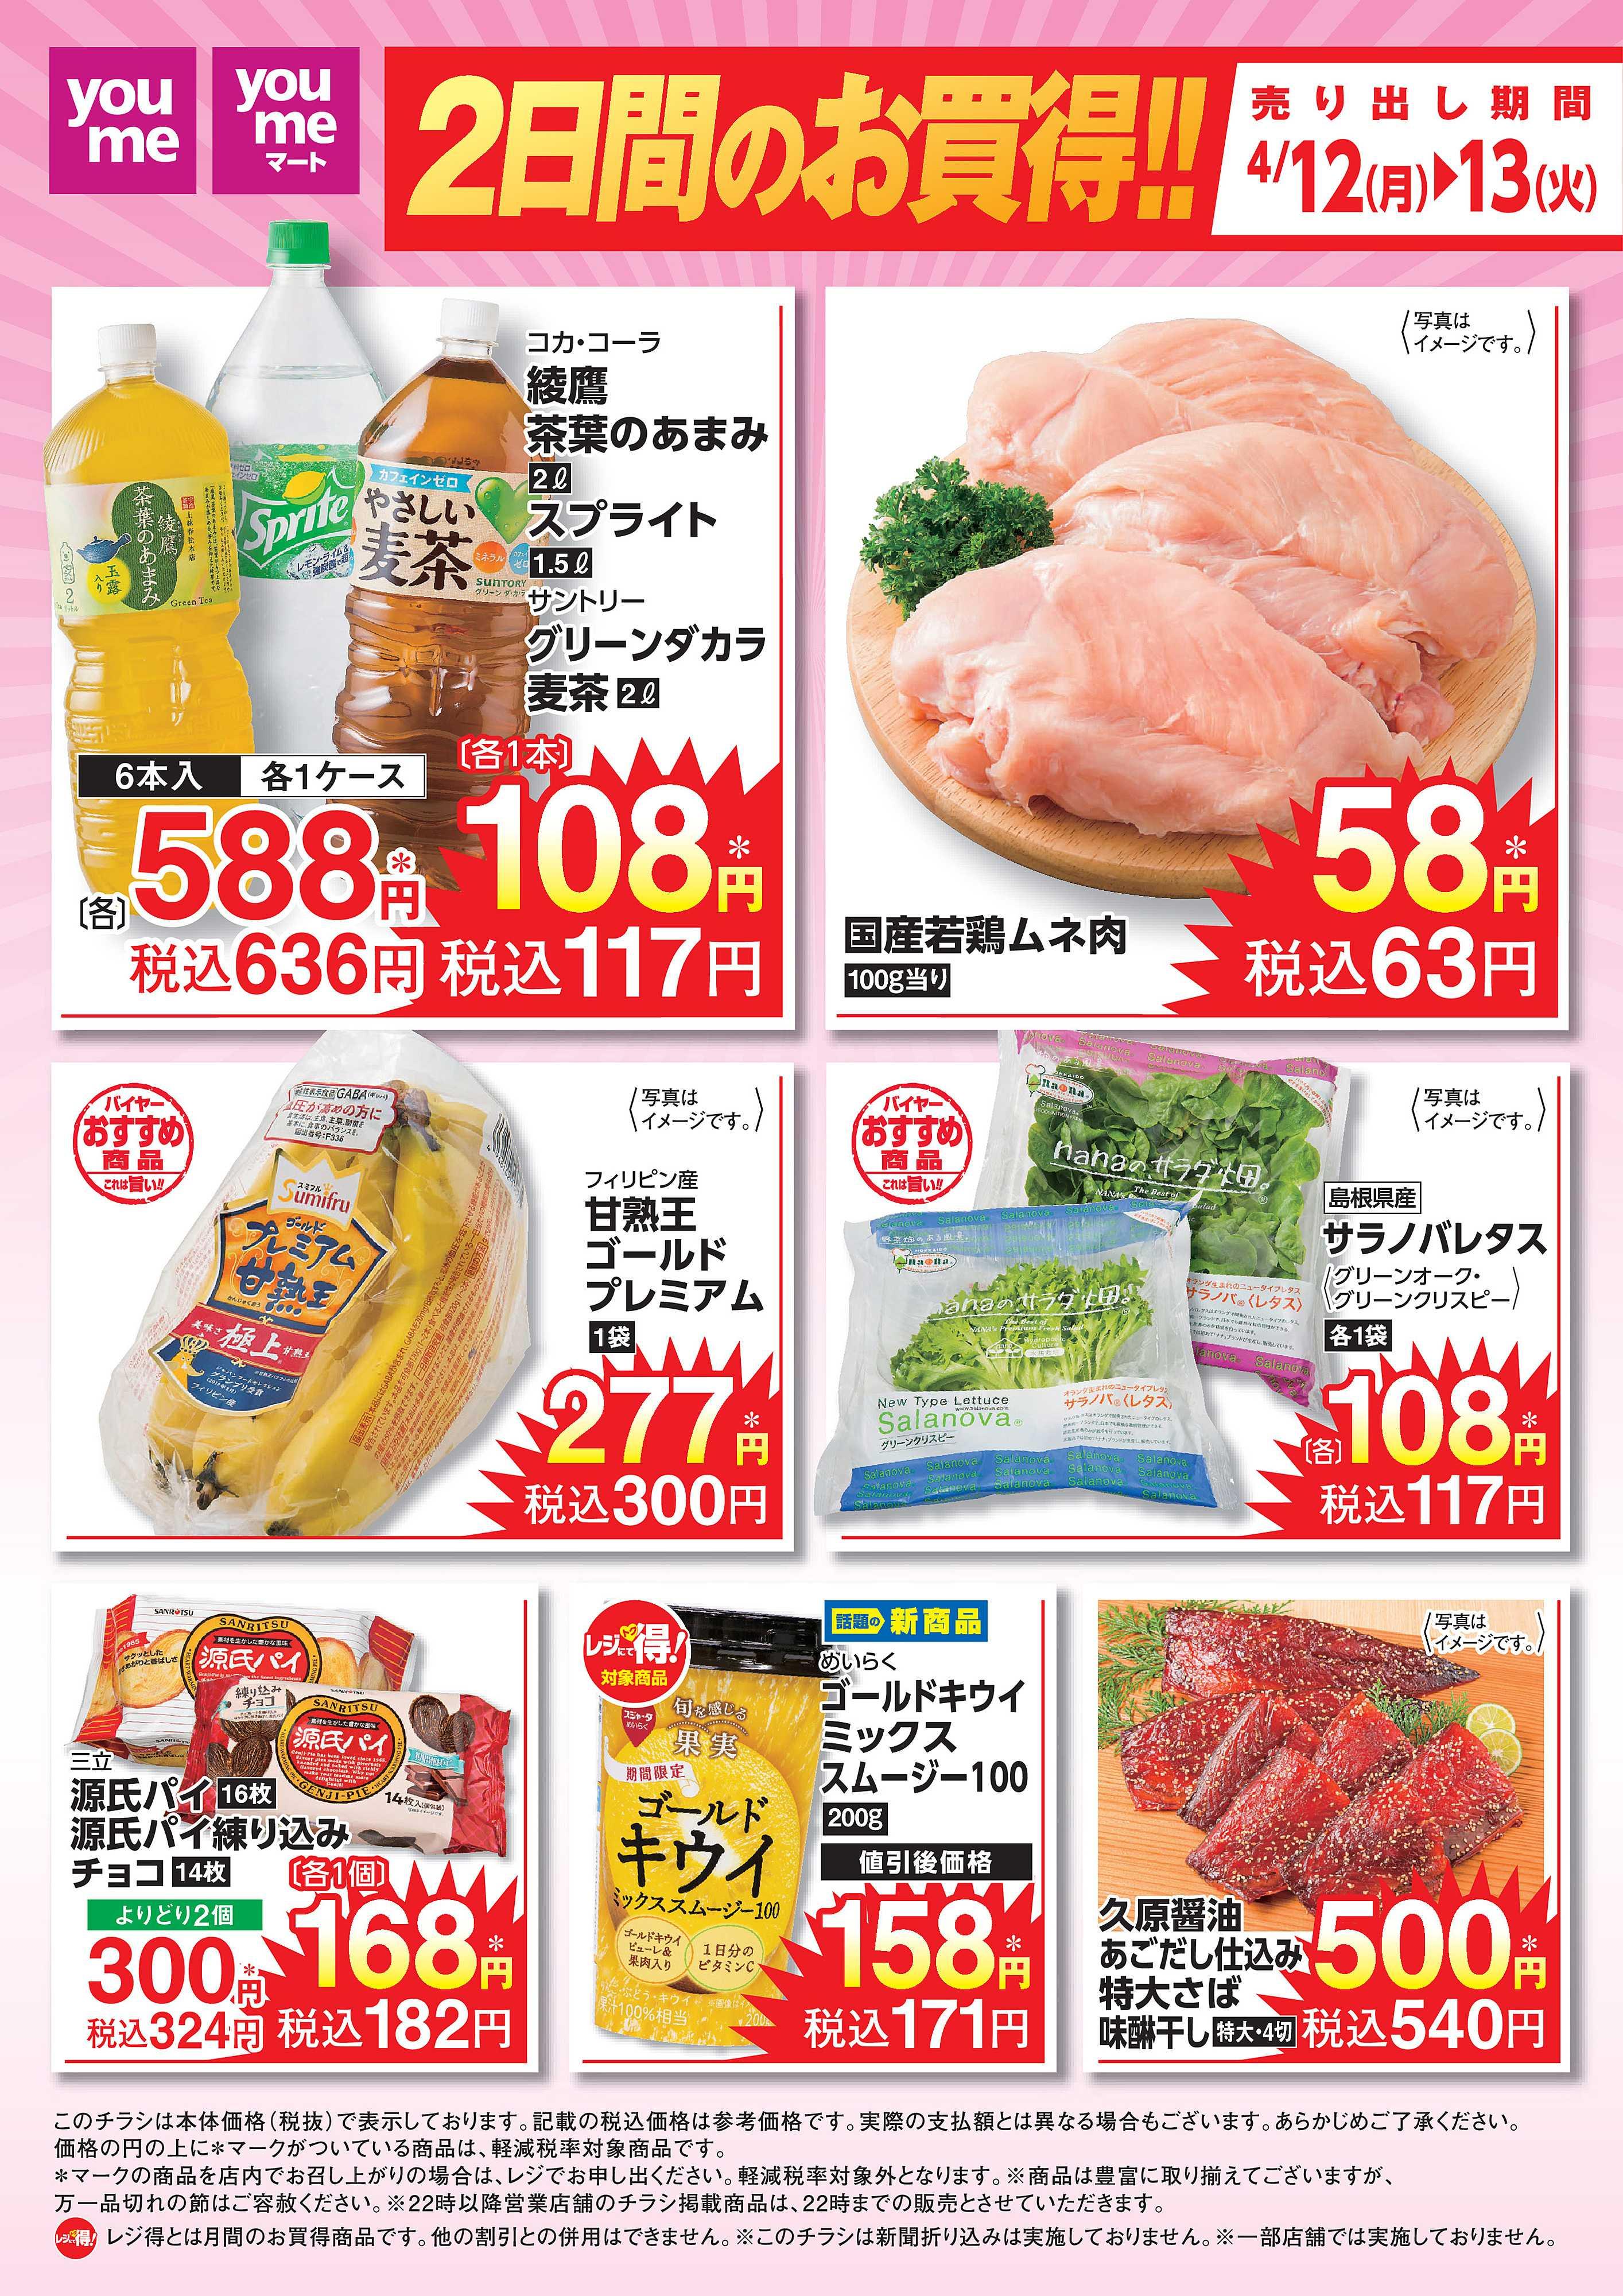 ゆめマート 4/12~4/13 2日間のお買得